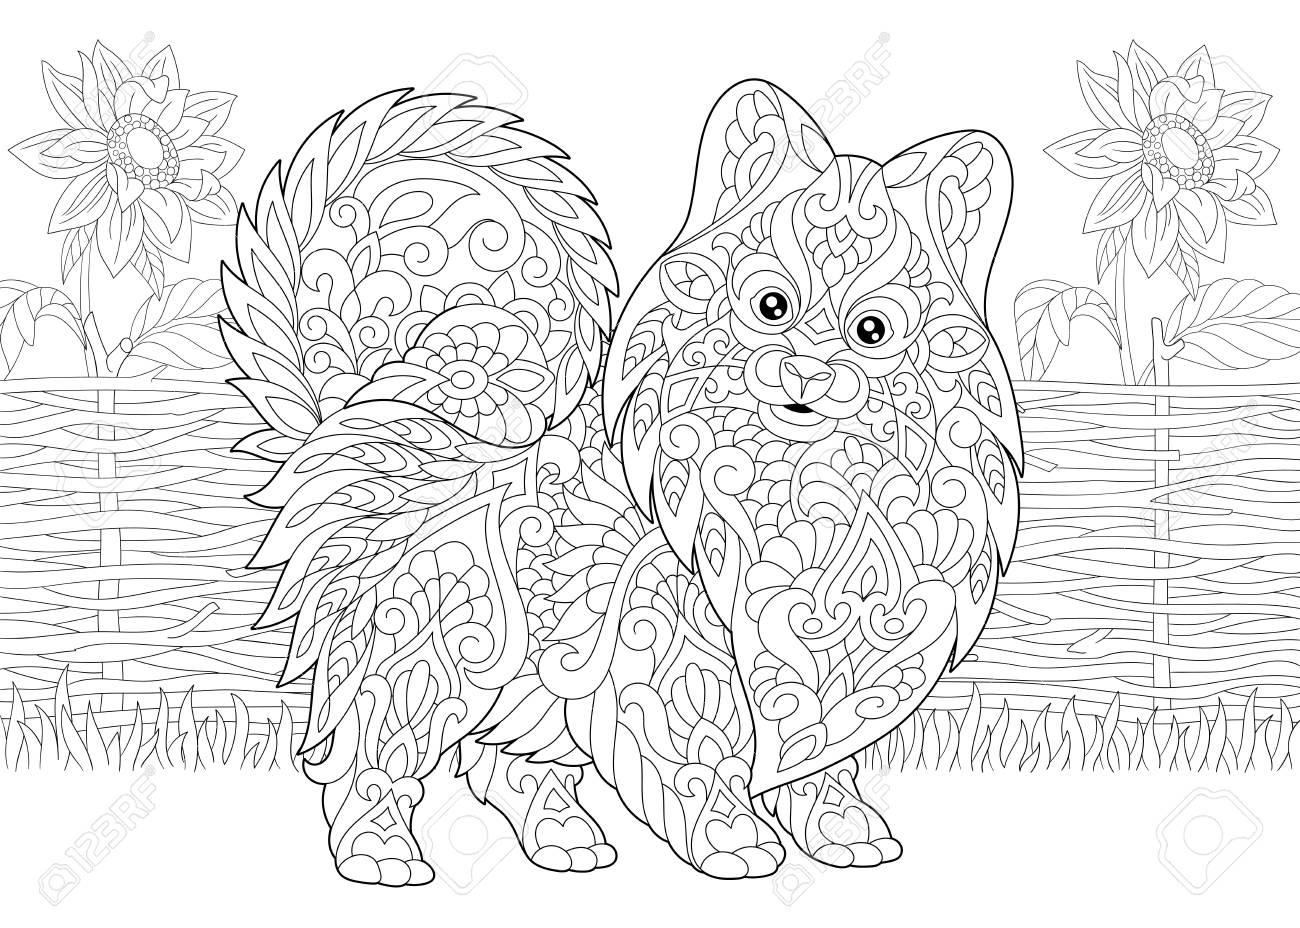 Pagina Para Colorir Livro De Colorir Adulto Spitz De Pomeranian